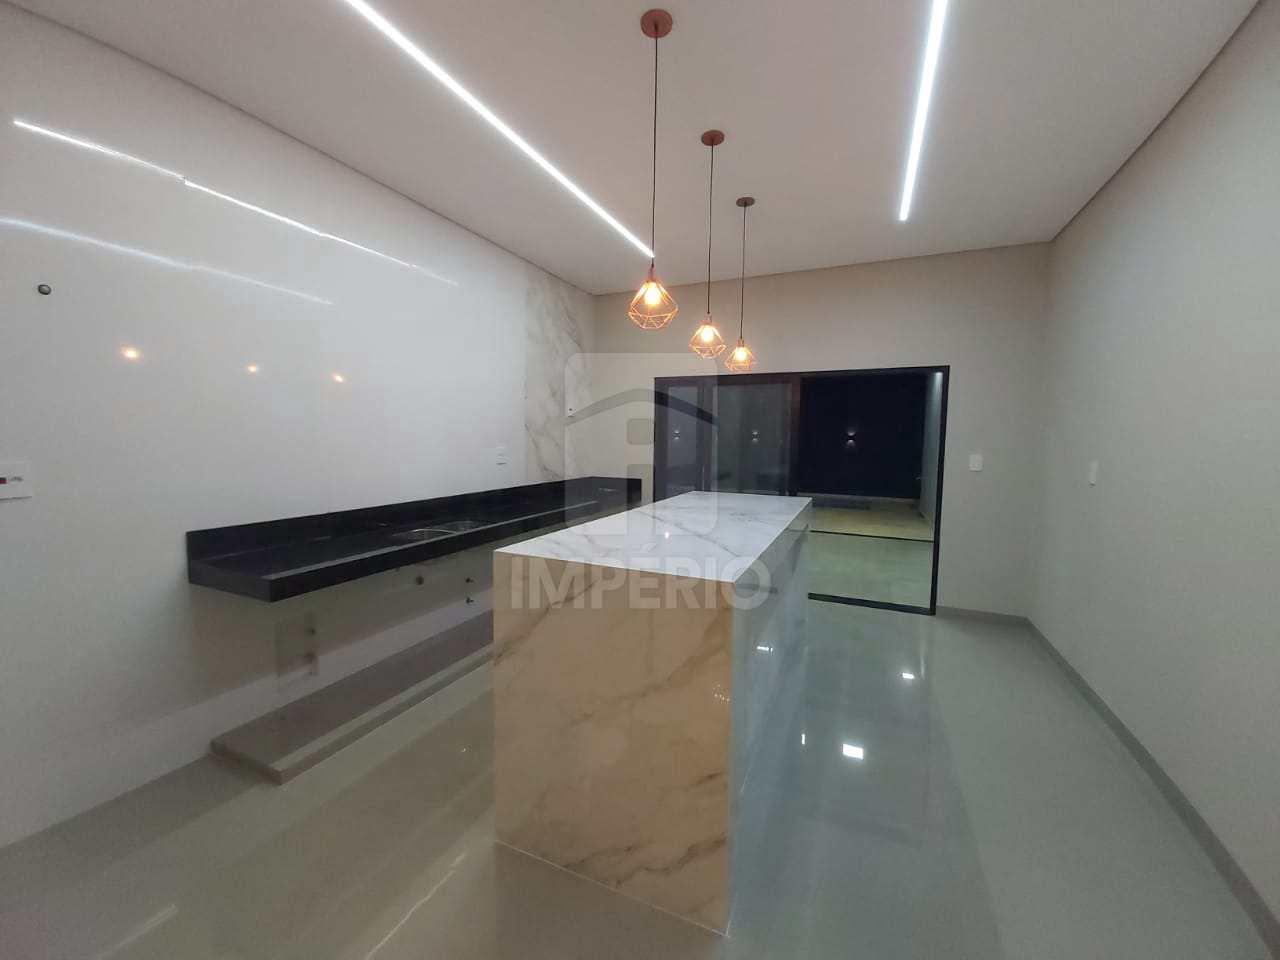 Casa c/ 3 suítes,  Cond. Manacás, Jaú - R$ 1.690.000,00 Cod.525